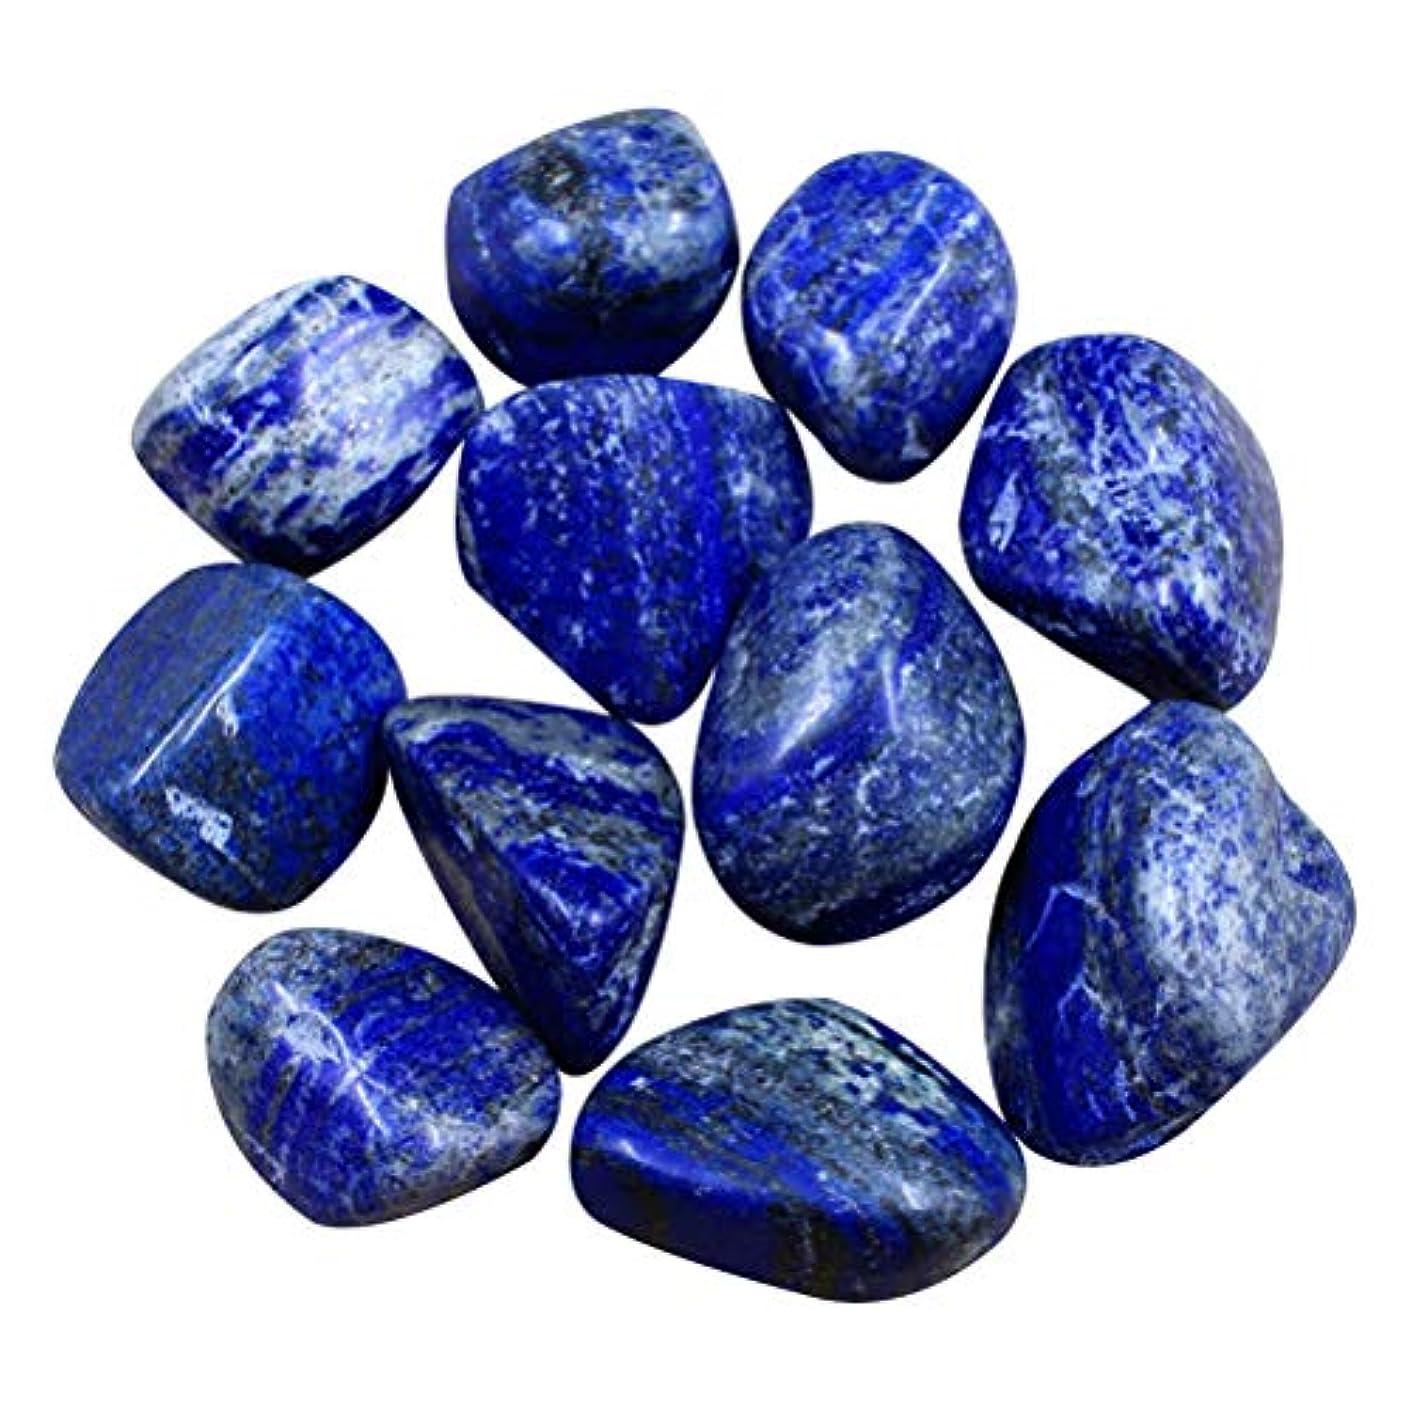 暗唱するその他君主SUPVOX 10個の天然石石落ち石の癒しReikiクリスタルジュエリー自然の岩ホームデコレーション花瓶植物を作る